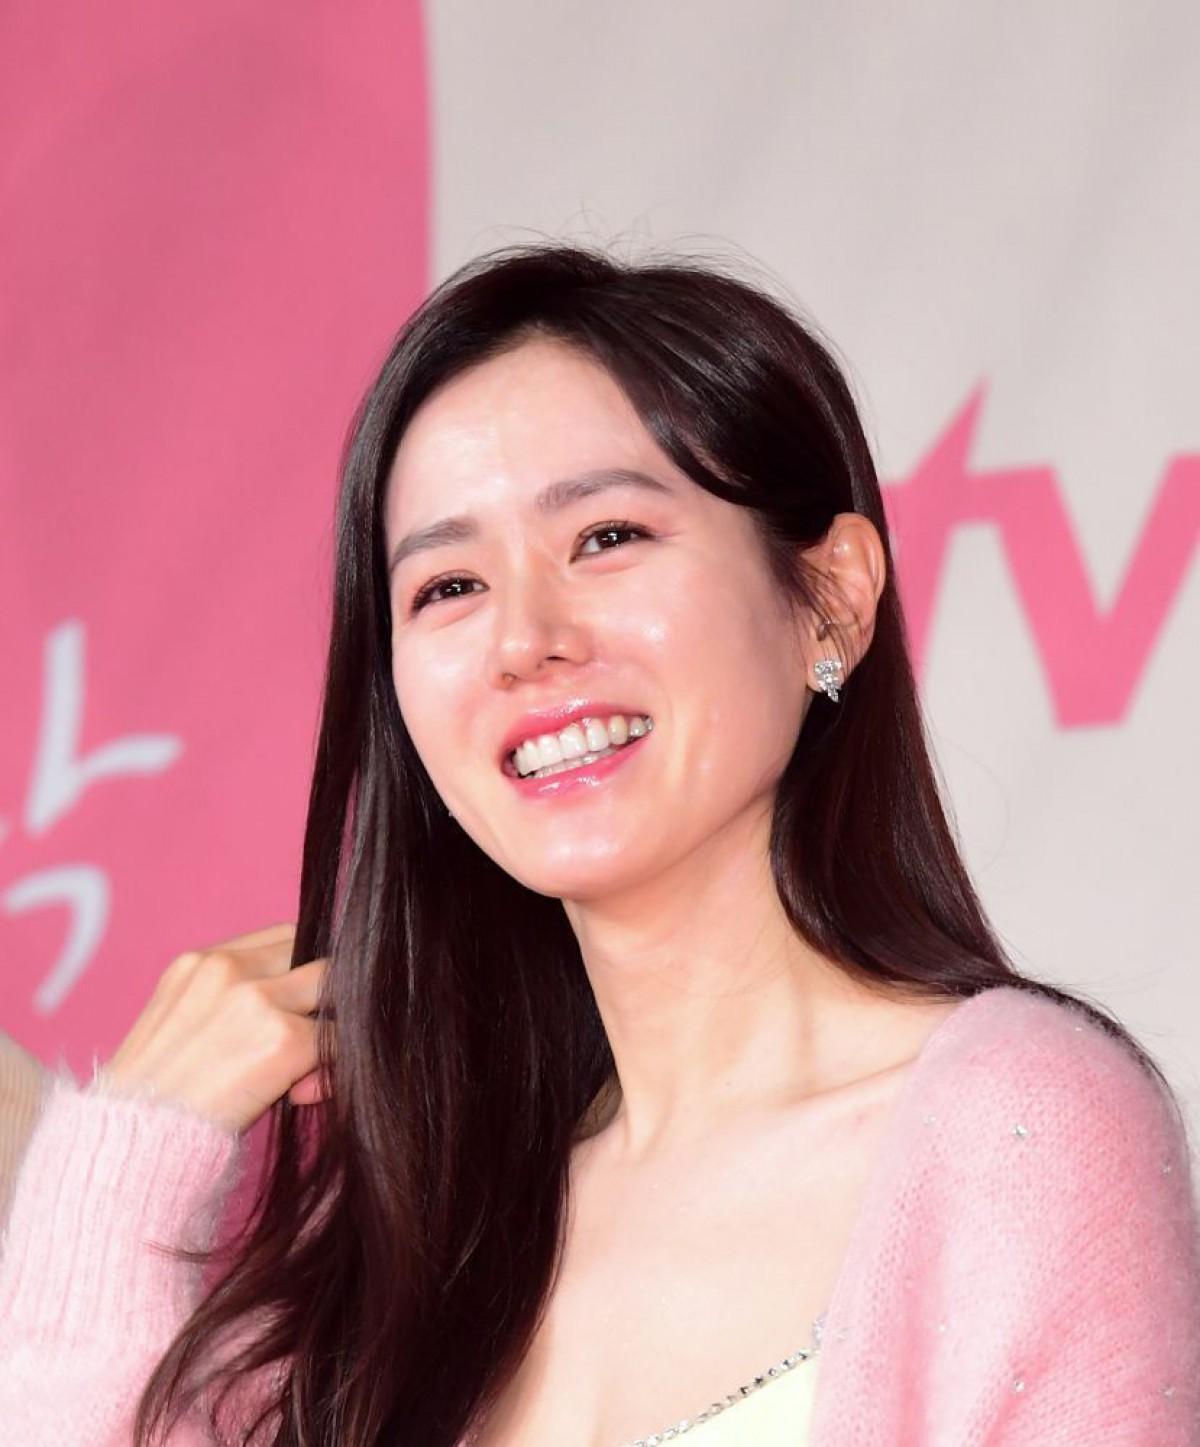 華やかエレ女必見!『愛の不時着』女優ソン・イェジン&ソ・ジヘのヘアメイクを大解剖(25ansオンライン)